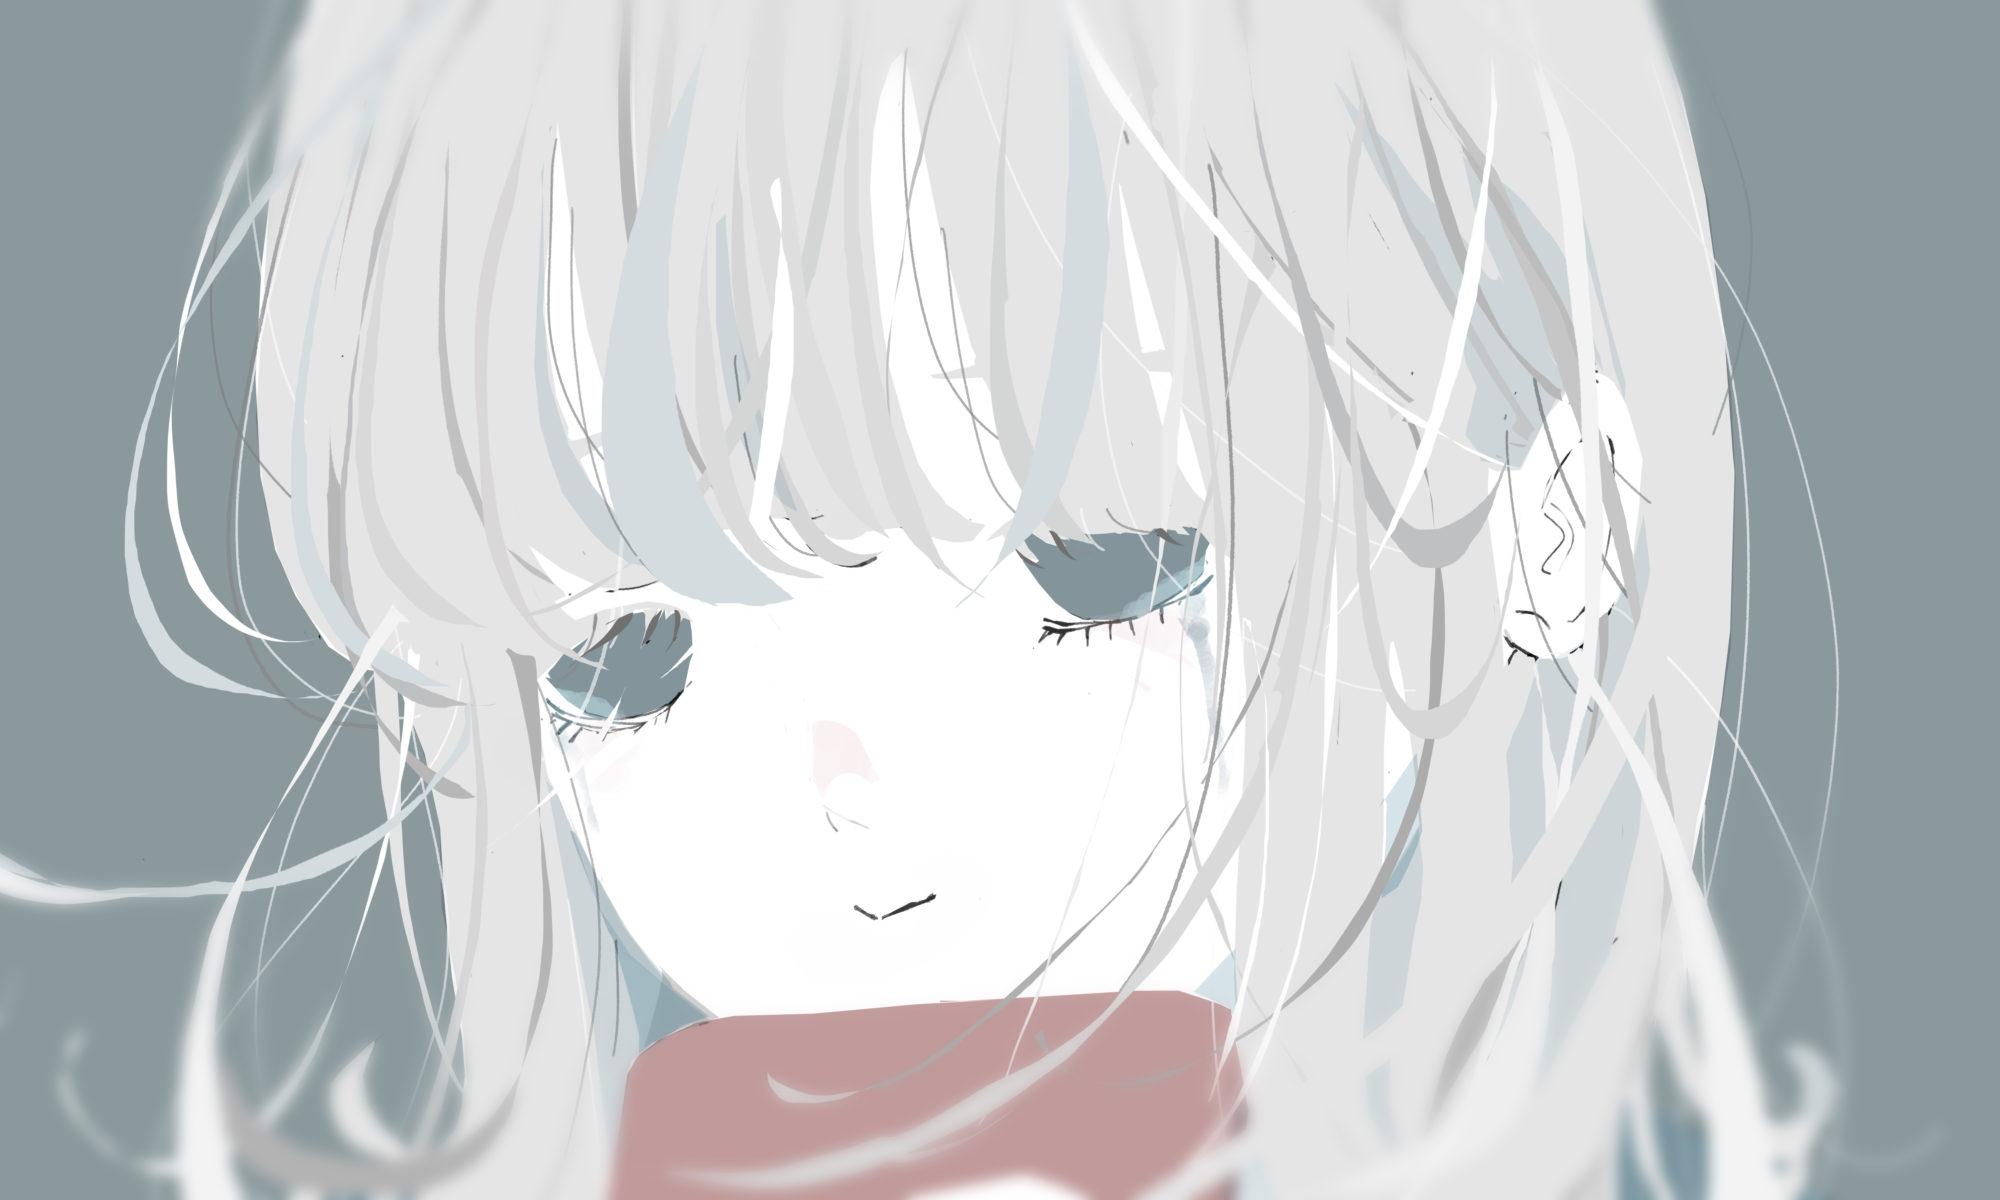 泣きながら笑う銀髪の女の子